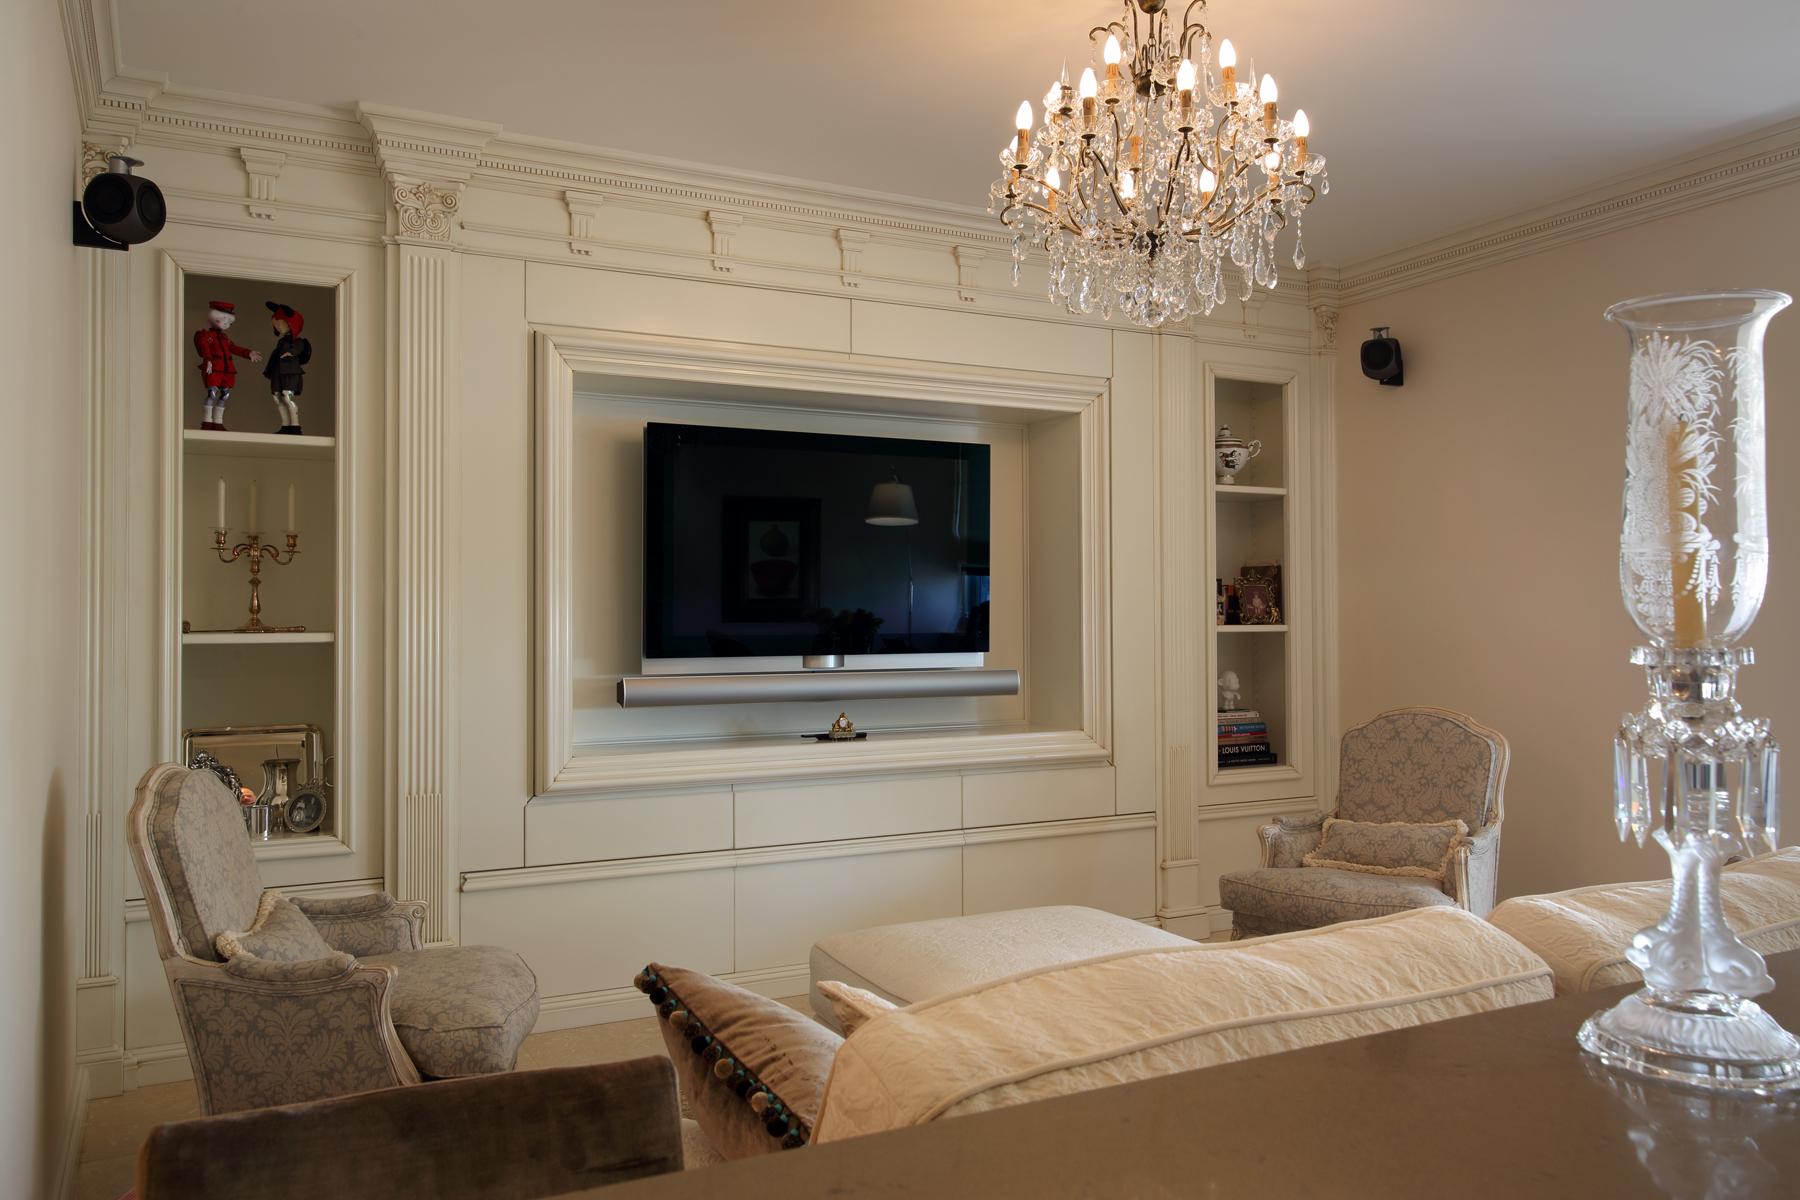 Apartment in Hotel de Paris mood